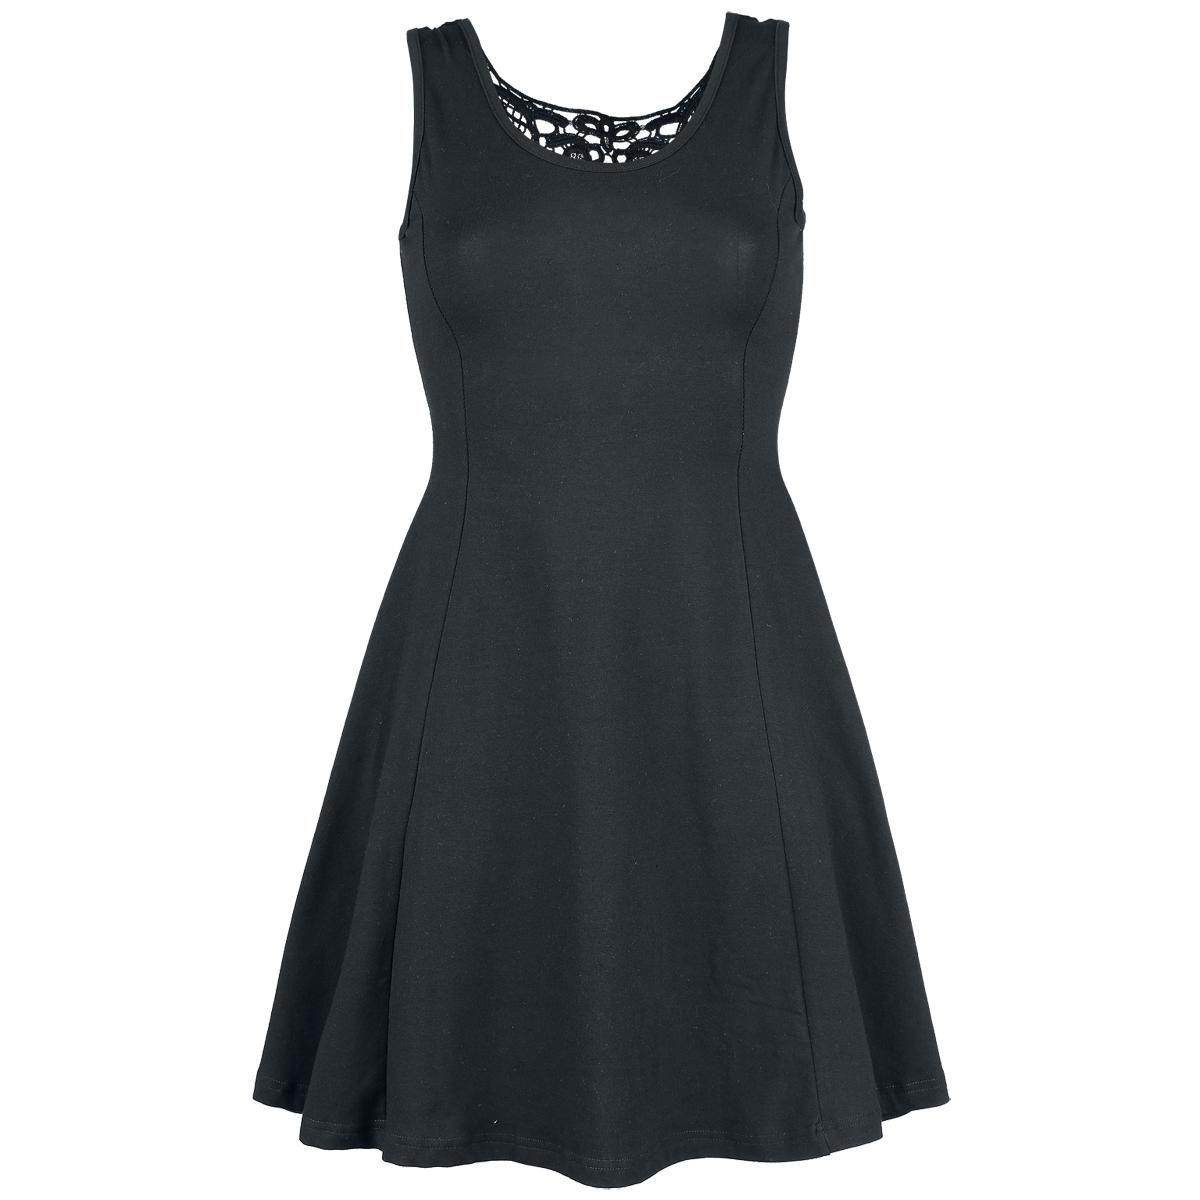 Dress from EMP. Colour isn't best, but still cute dress!